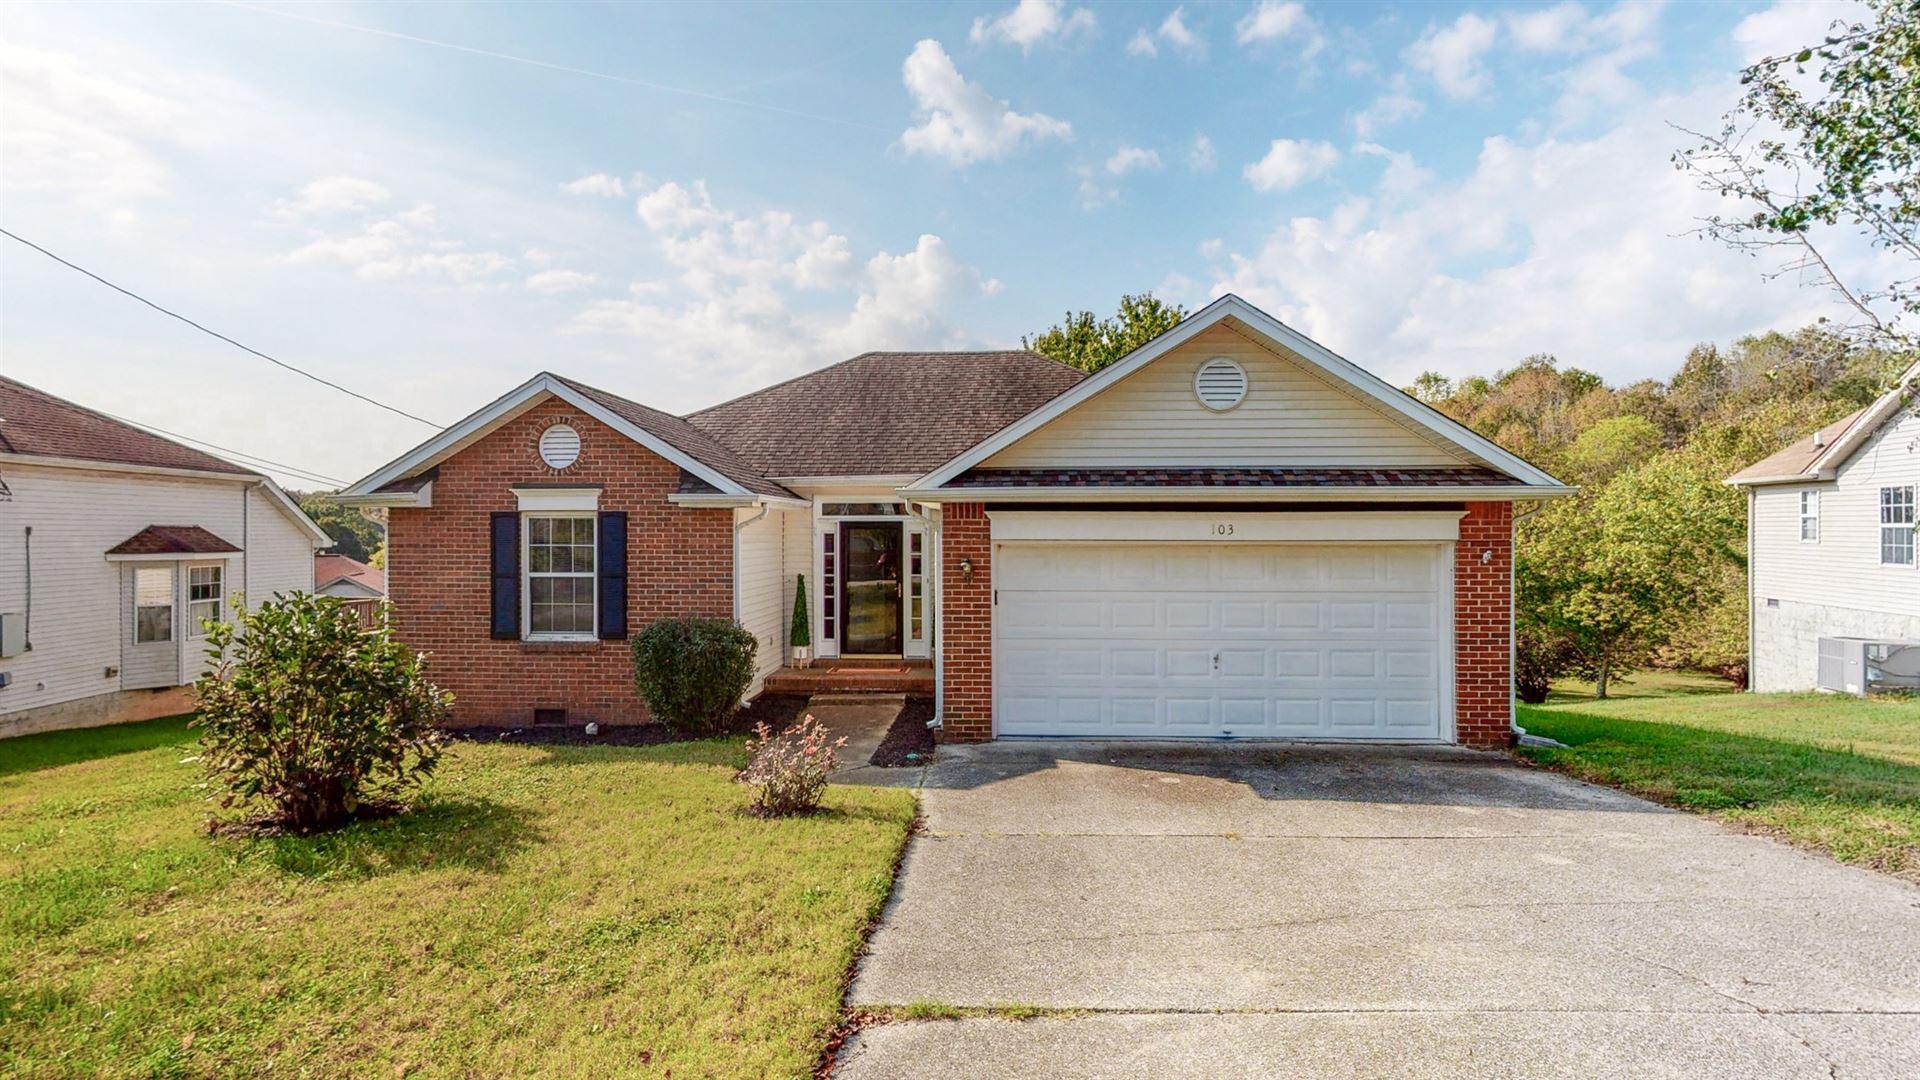 103 Pine Grove Rd, Mount Juliet, TN 37122 - MLS#: 2301955